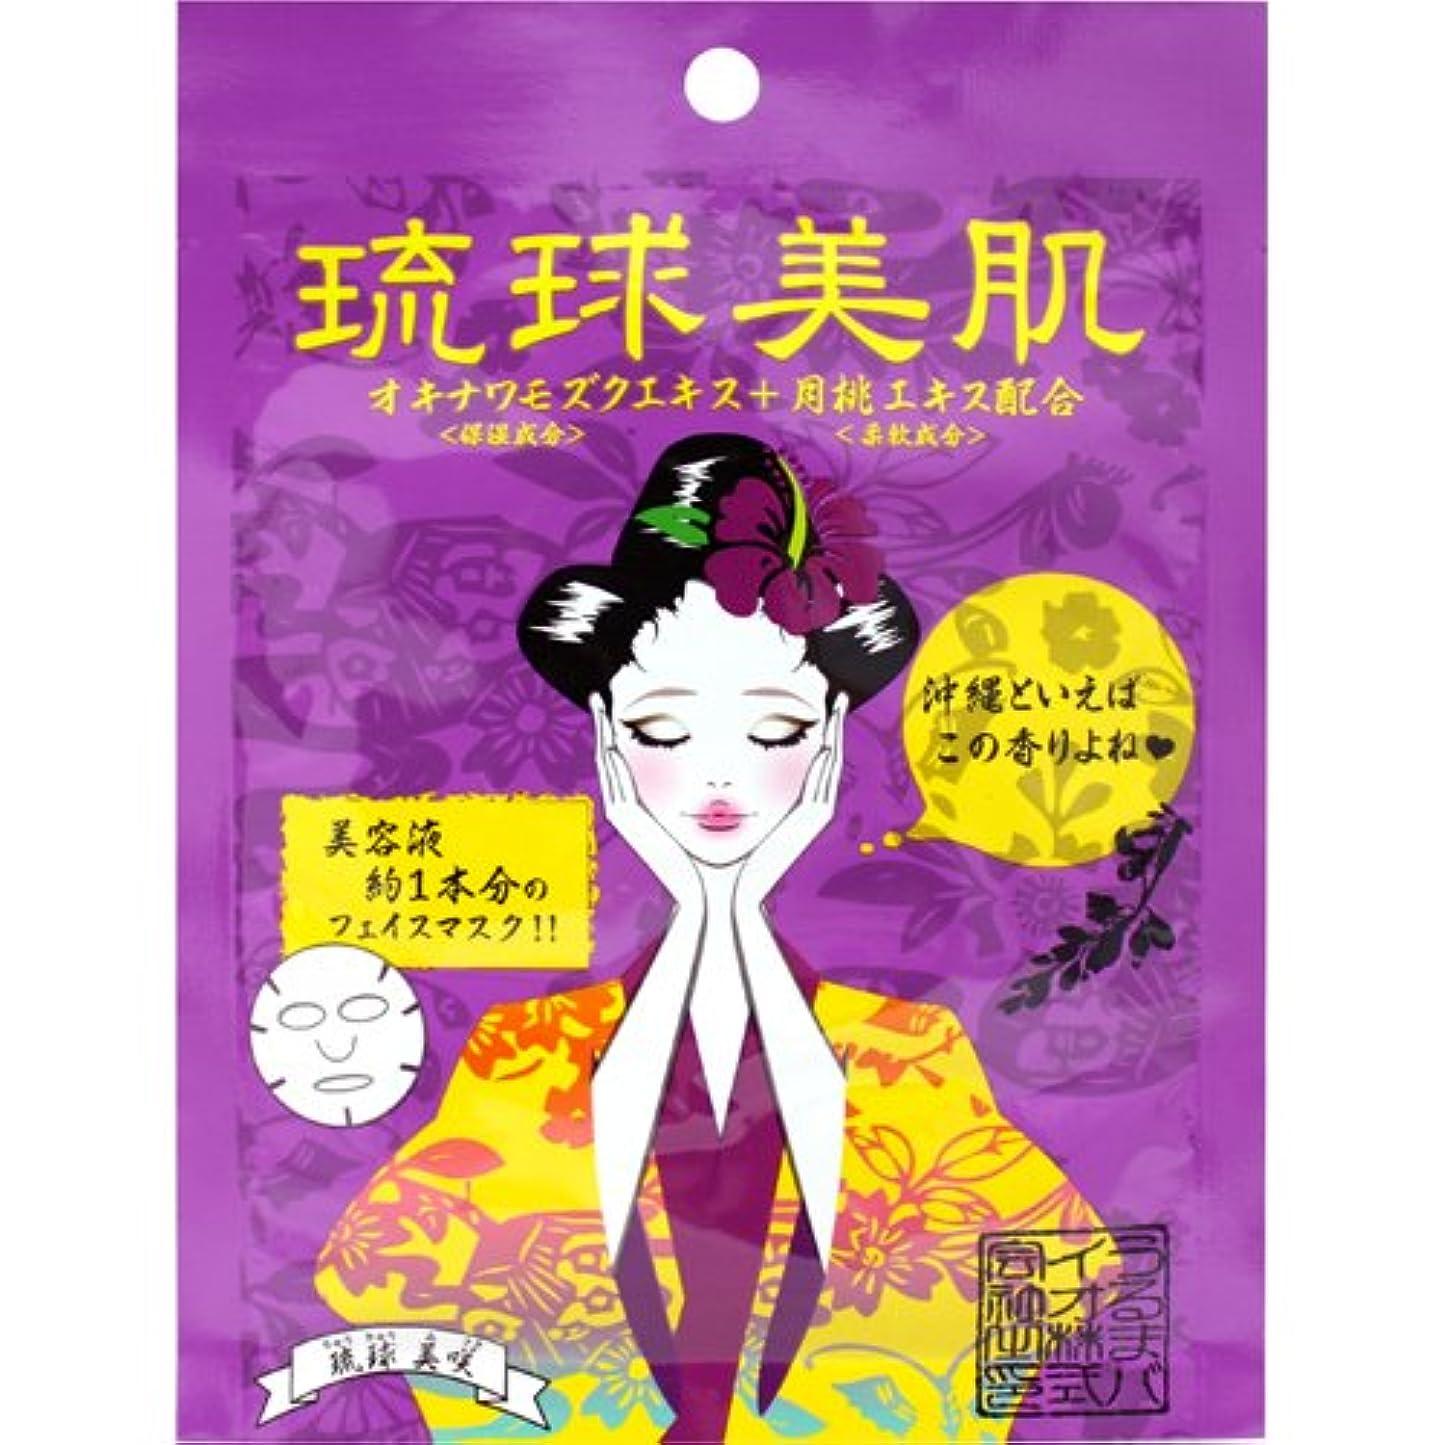 懲戒偏心死傷者琉球美肌 フェイスマスクシート 月桃の香り 10枚セット